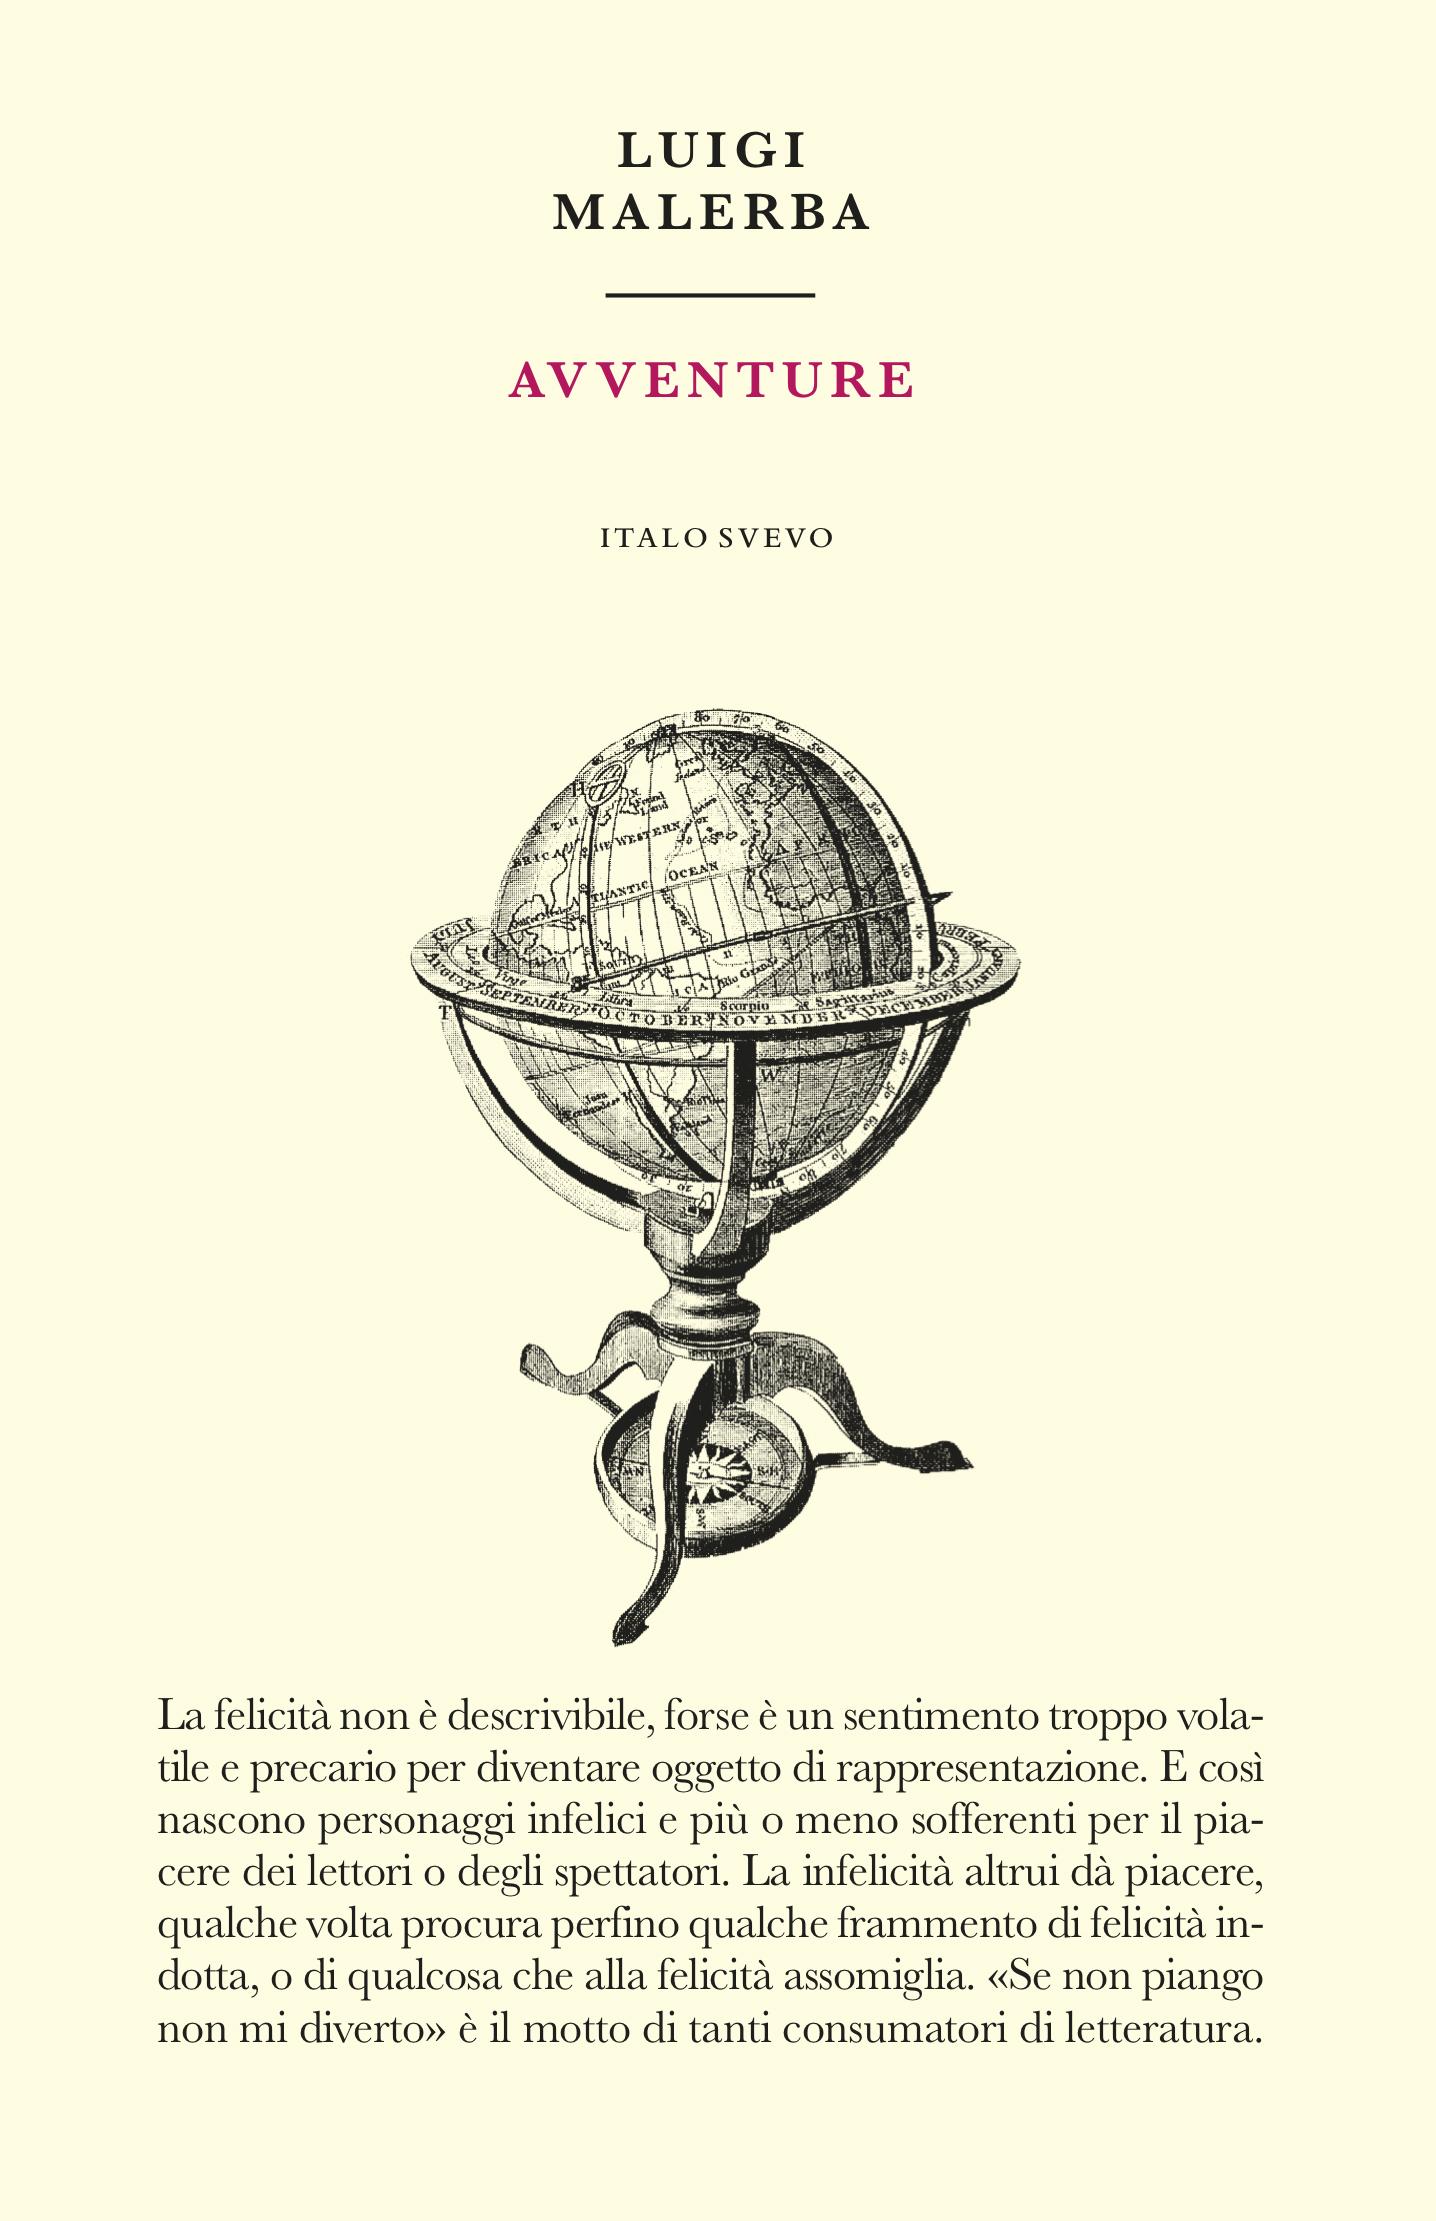 Italo Svevo Edizioni - Avventure - Malerba